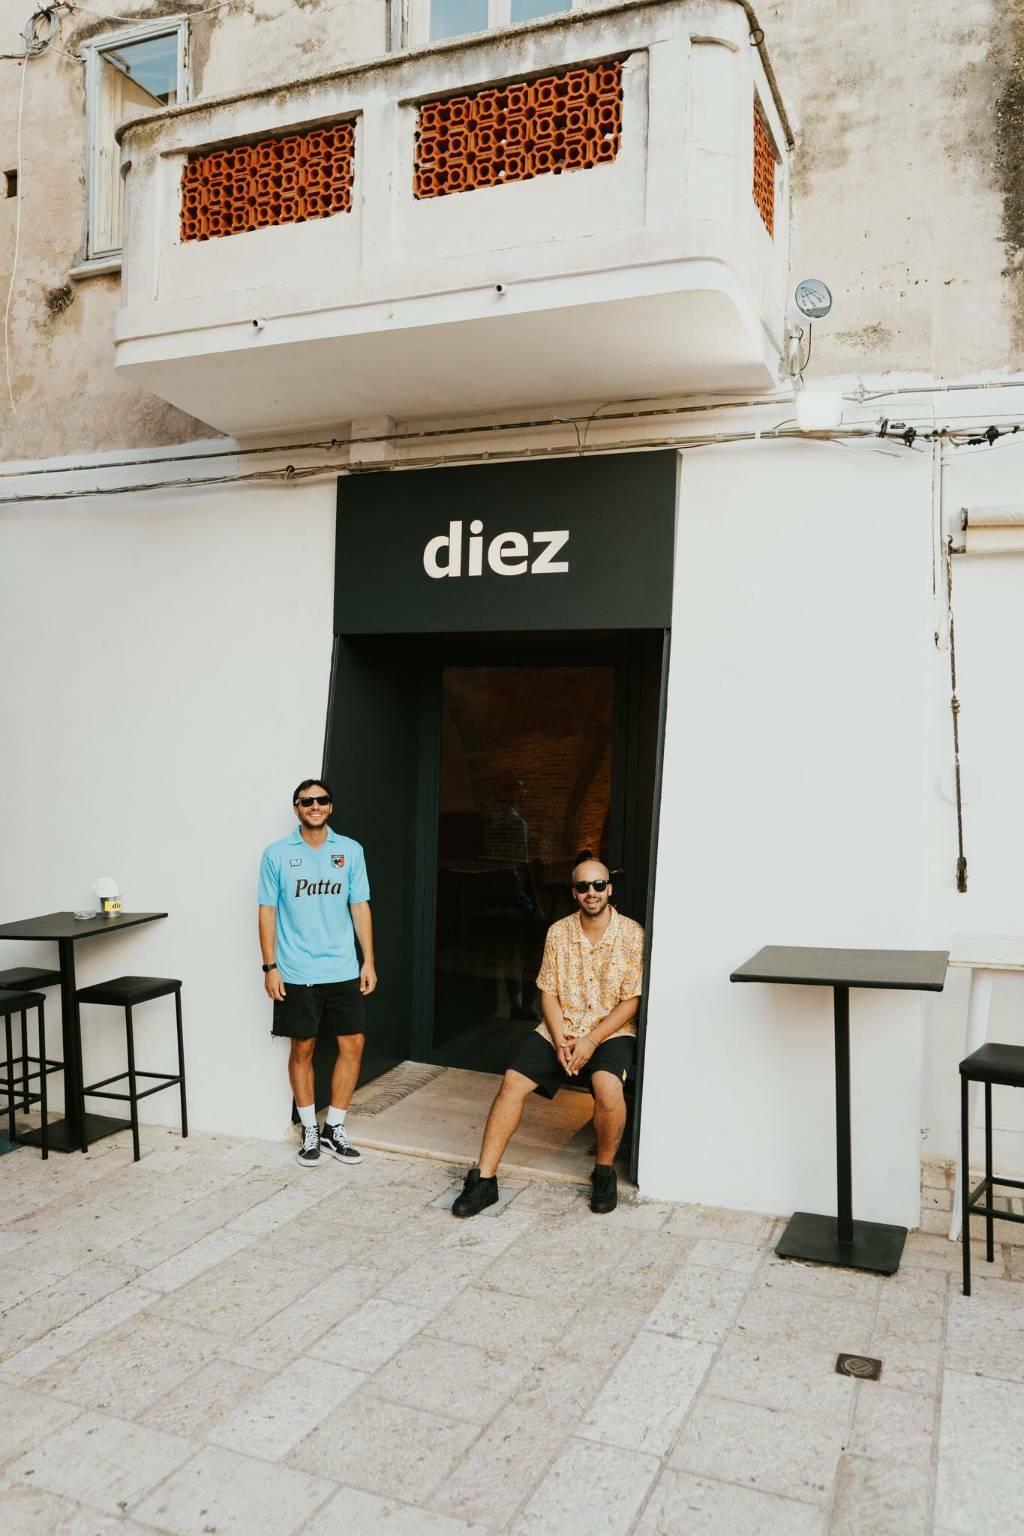 Diez, pizza & co.